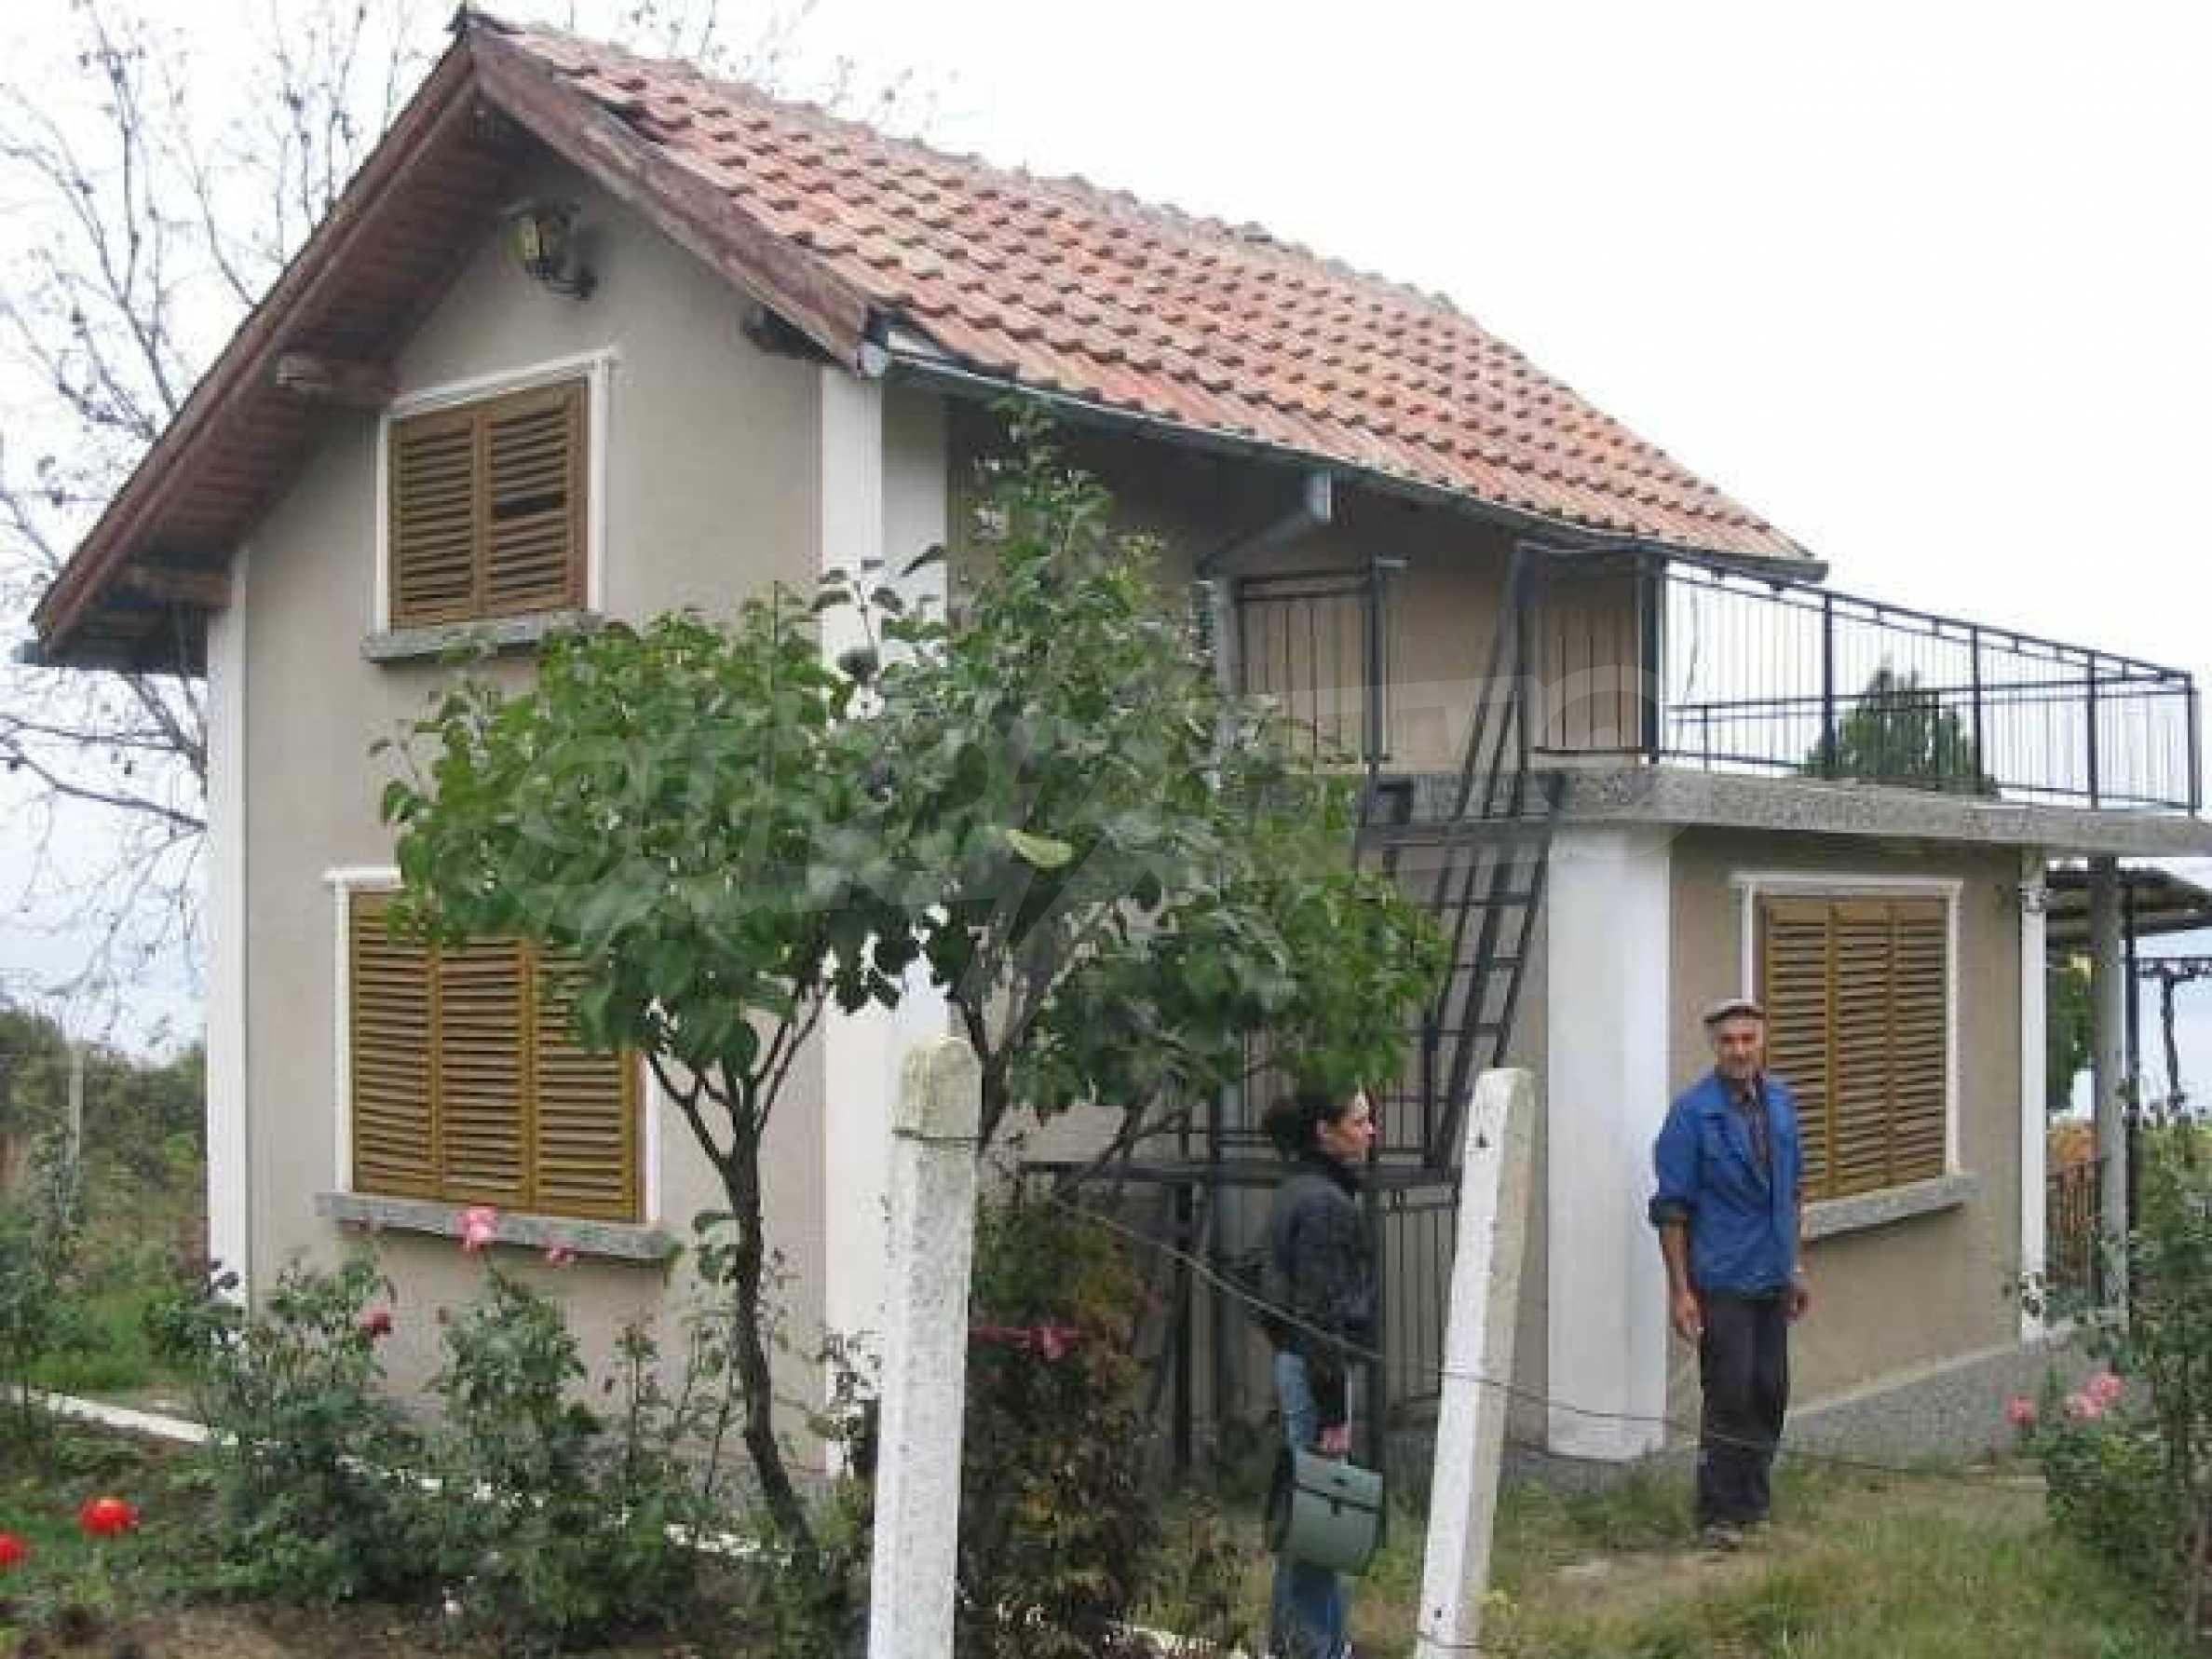 Villa zum Verkauf in der Nähe von Vidin